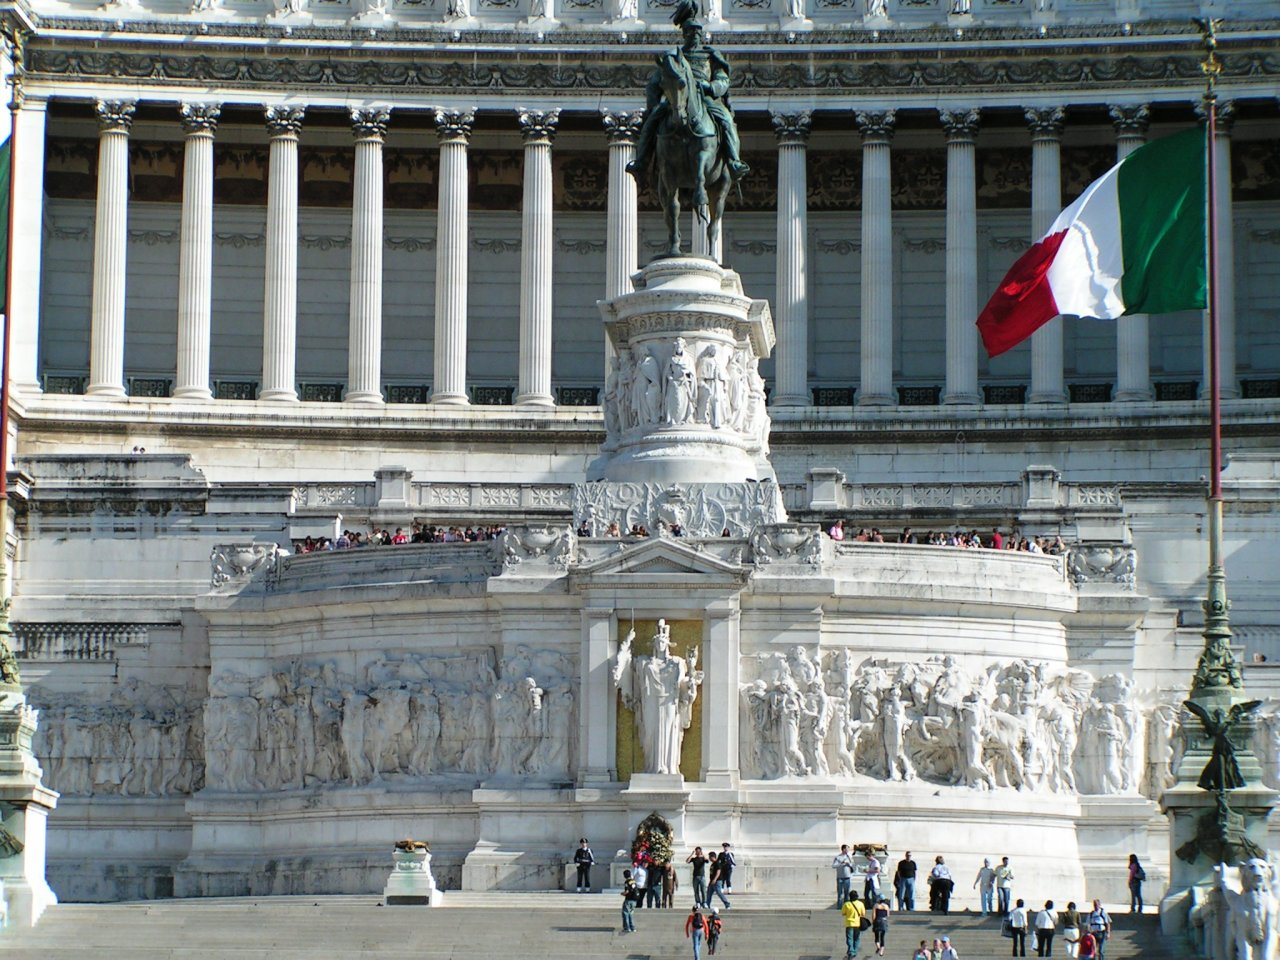 Victor Emmanuel II Monument, Altare della Patria, Rome attractions, Italy – 5